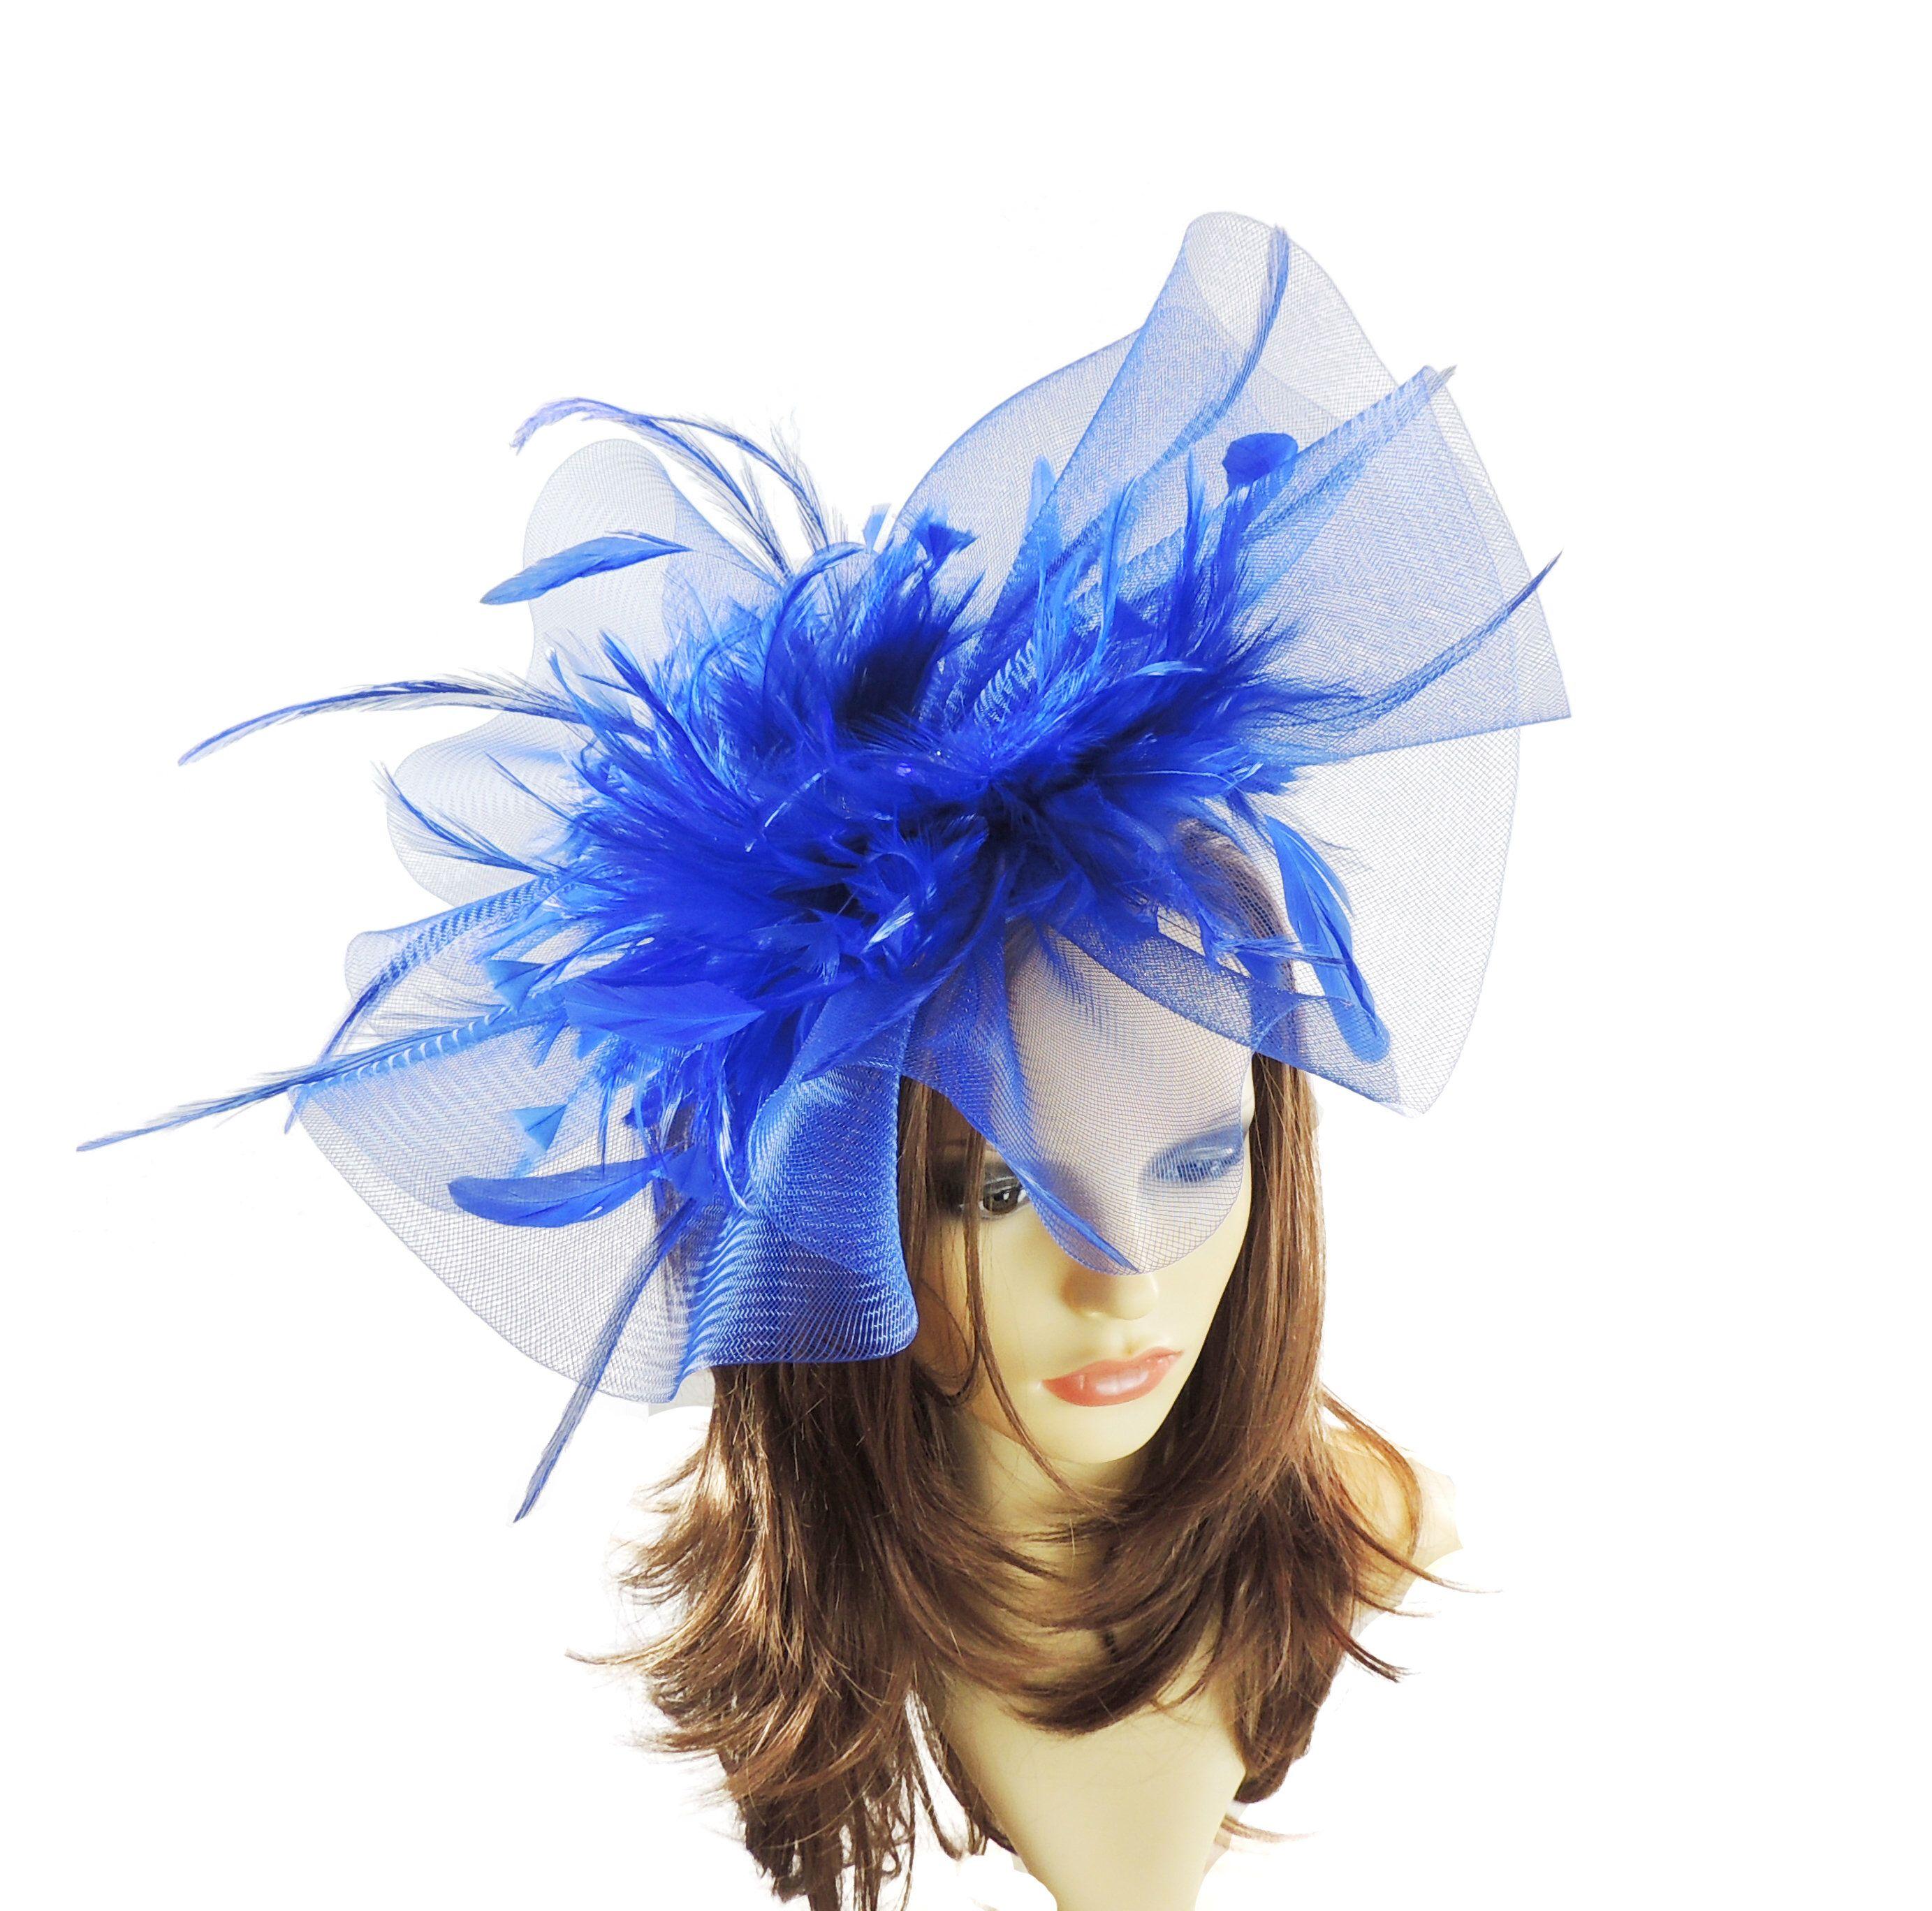 98c25c5f948db Aneta Royal Blue Fascinator Hat for Weddings